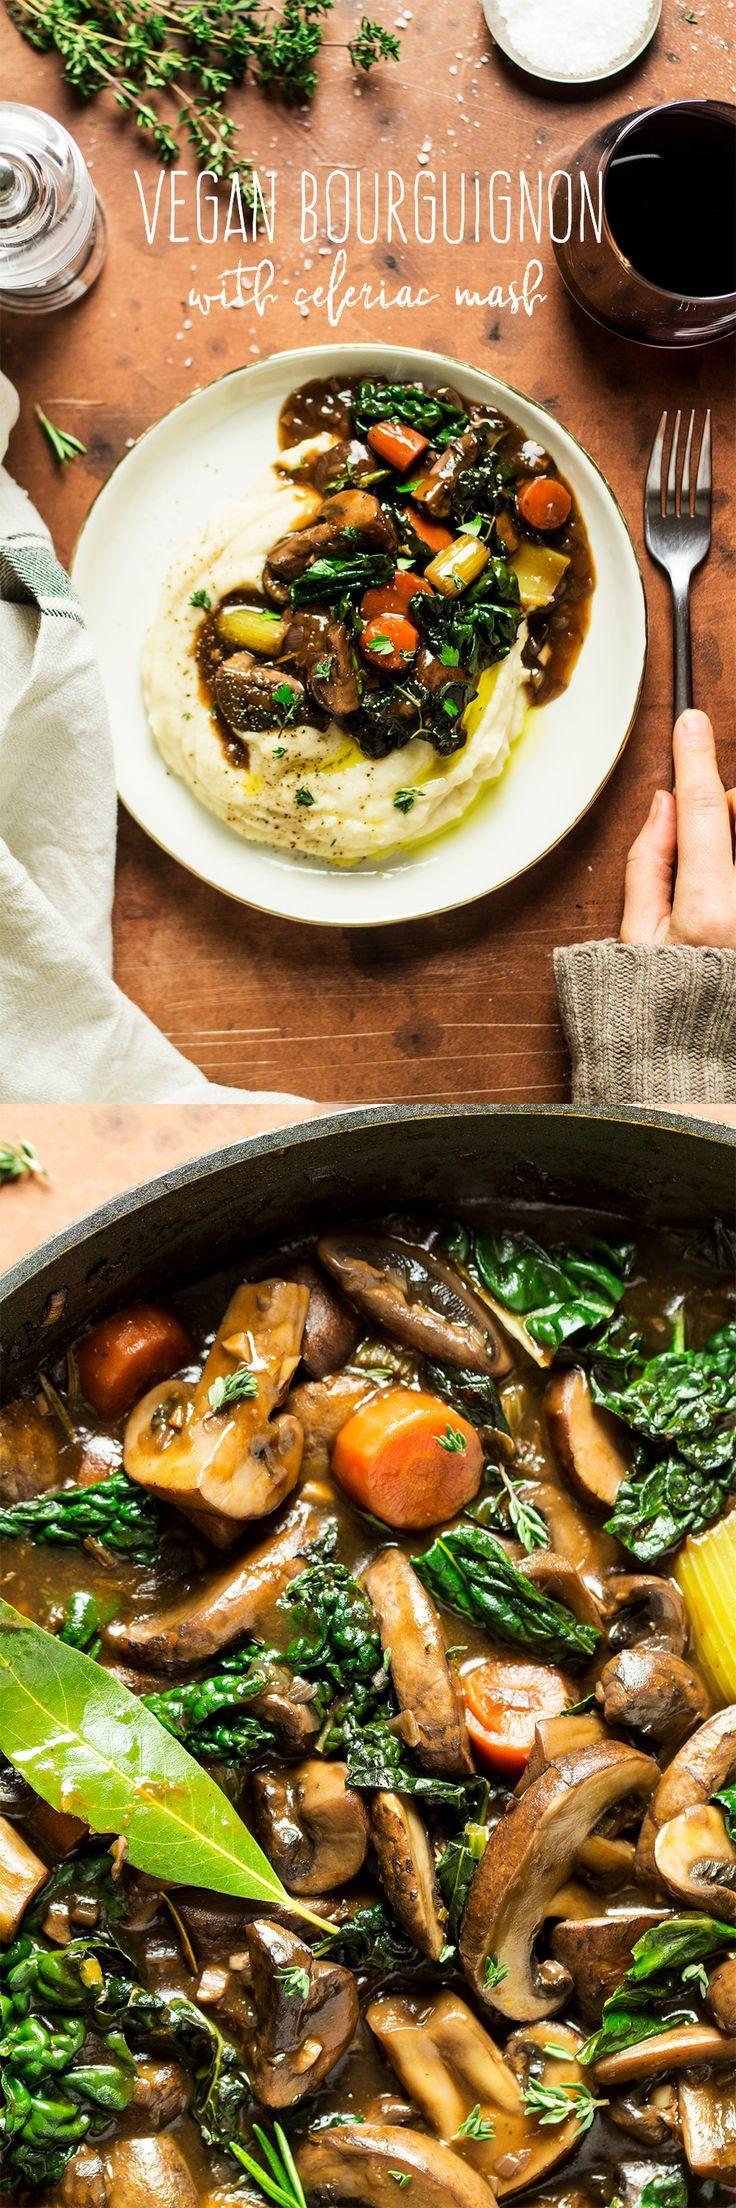 vegan mushroom bourguignon with celeriac mash